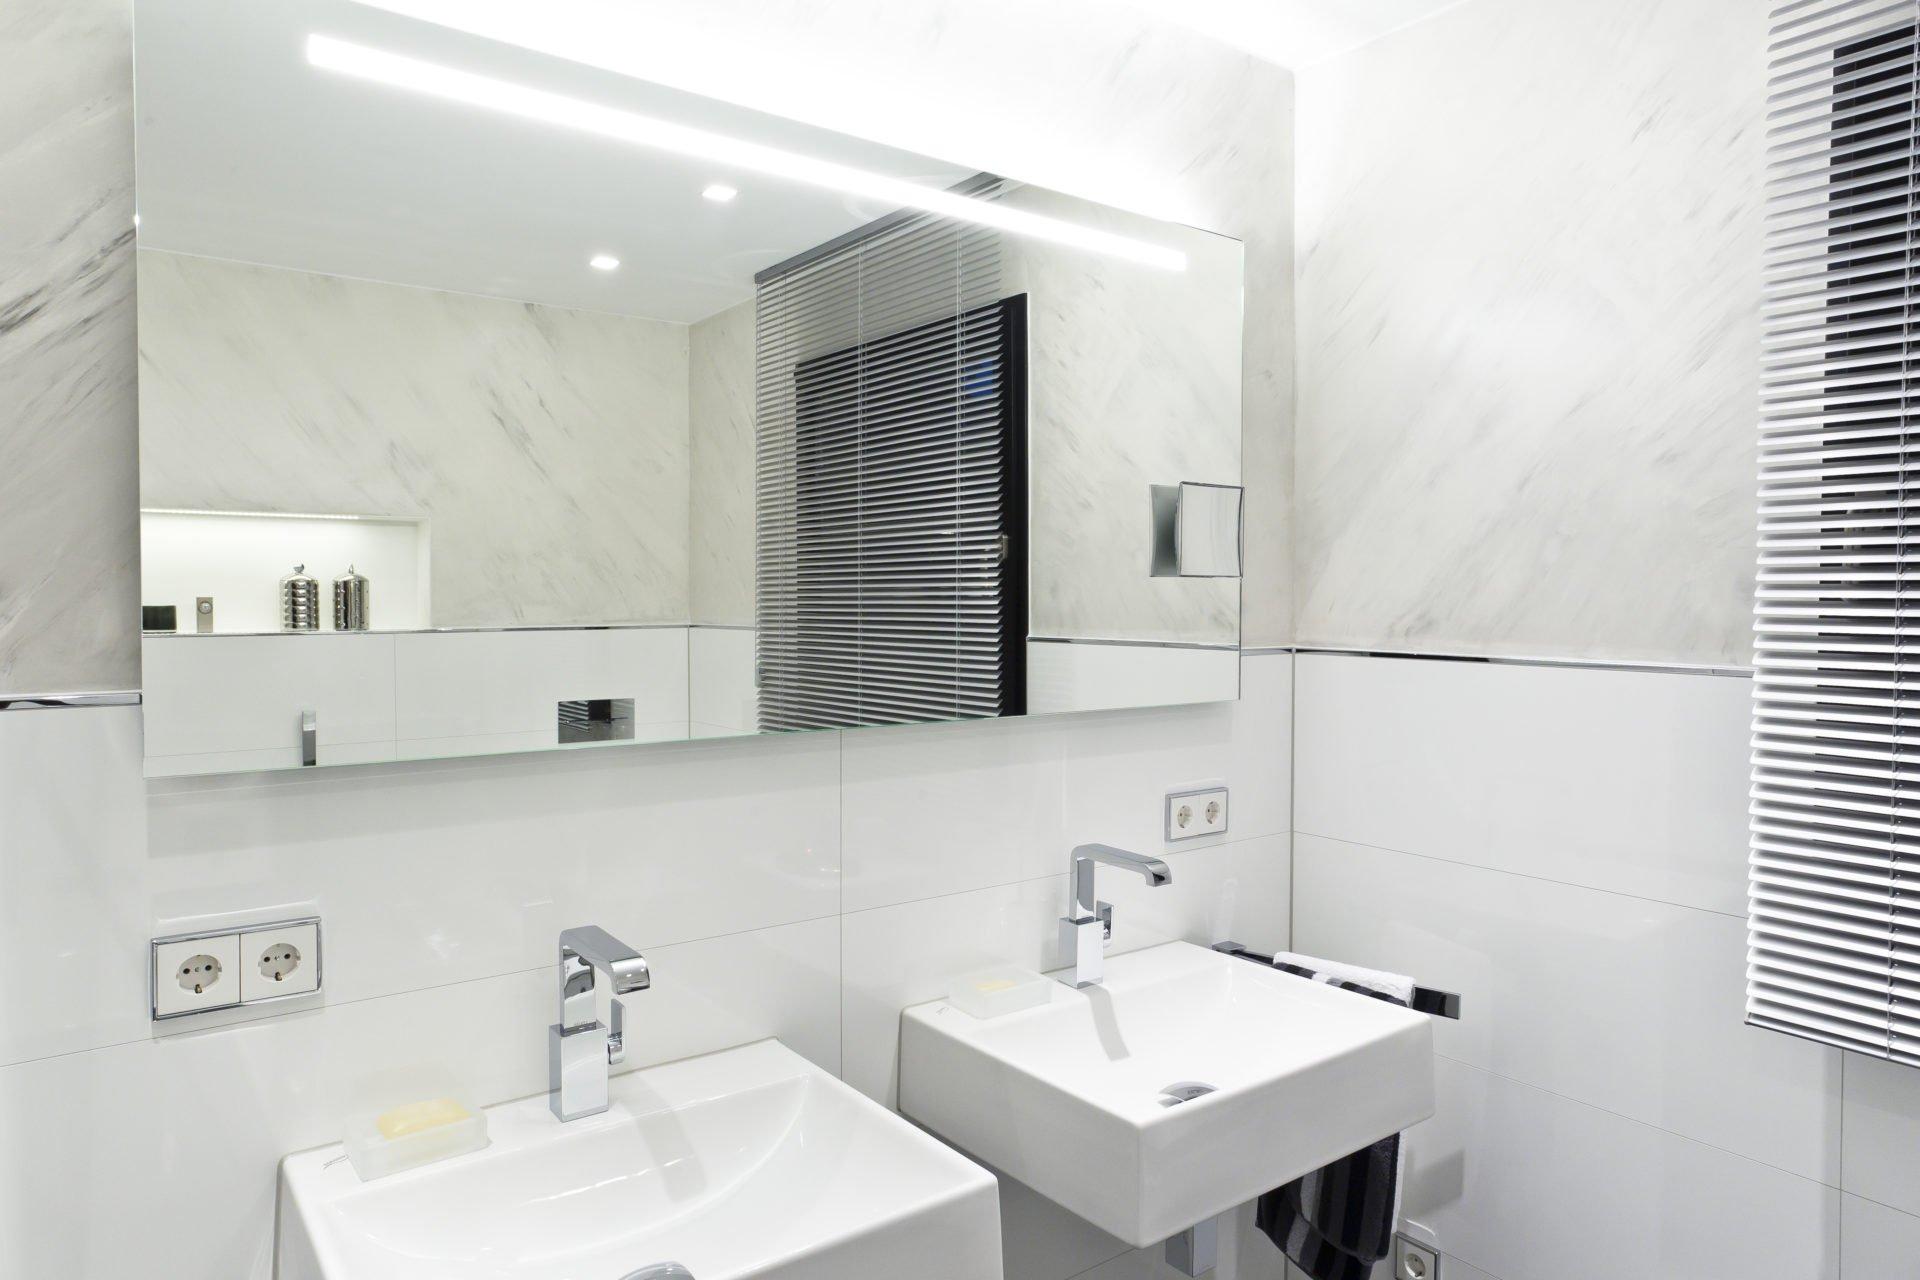 Badezimmer Weiß | Badezimmer Weiss Doppelwaschtisch Grosser Spiegel Nowak Gmbh